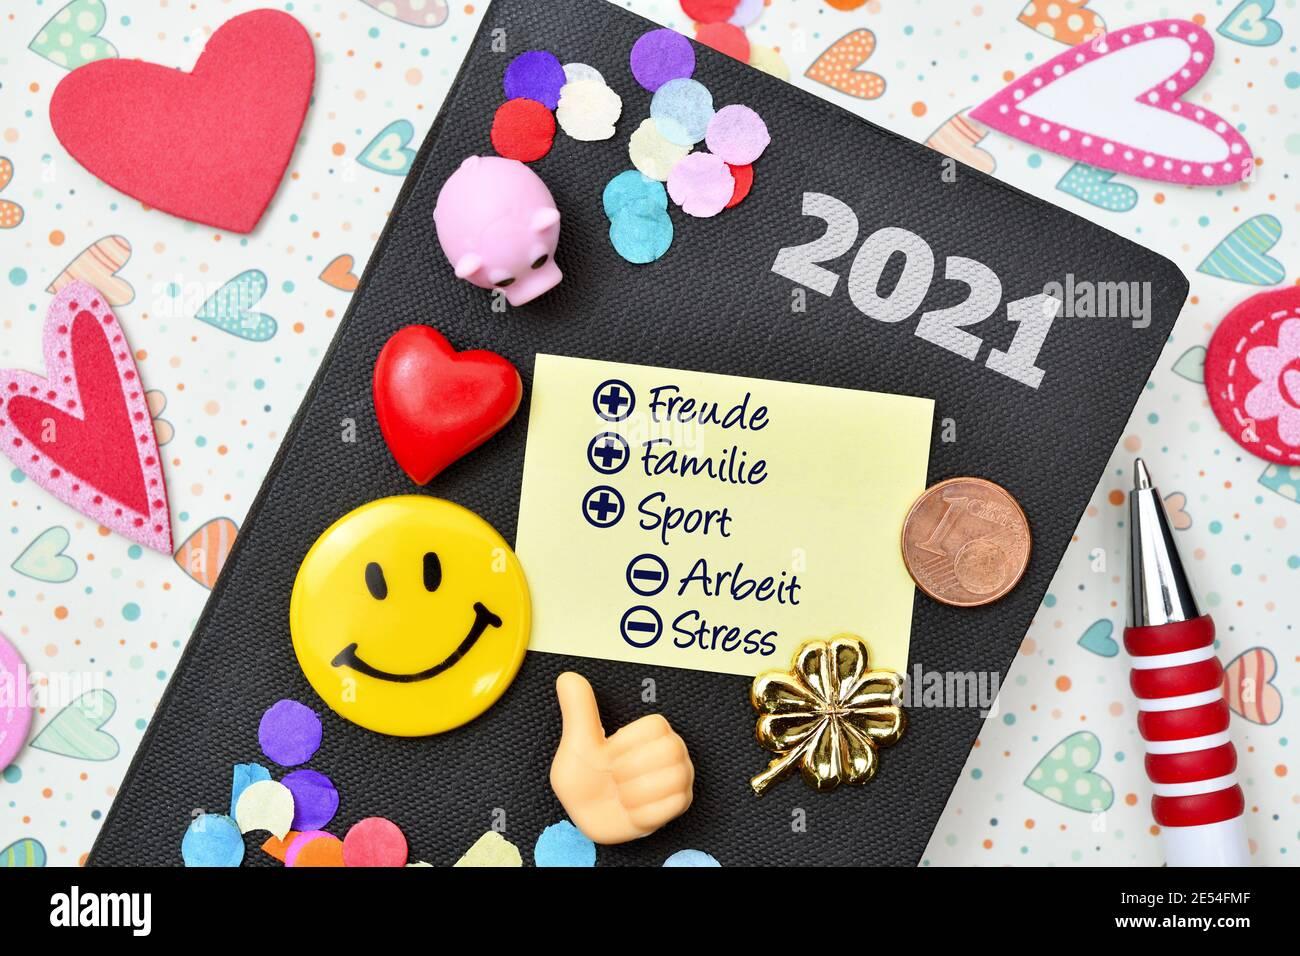 Résolutions du nouvel an, image symbolique Banque D'Images